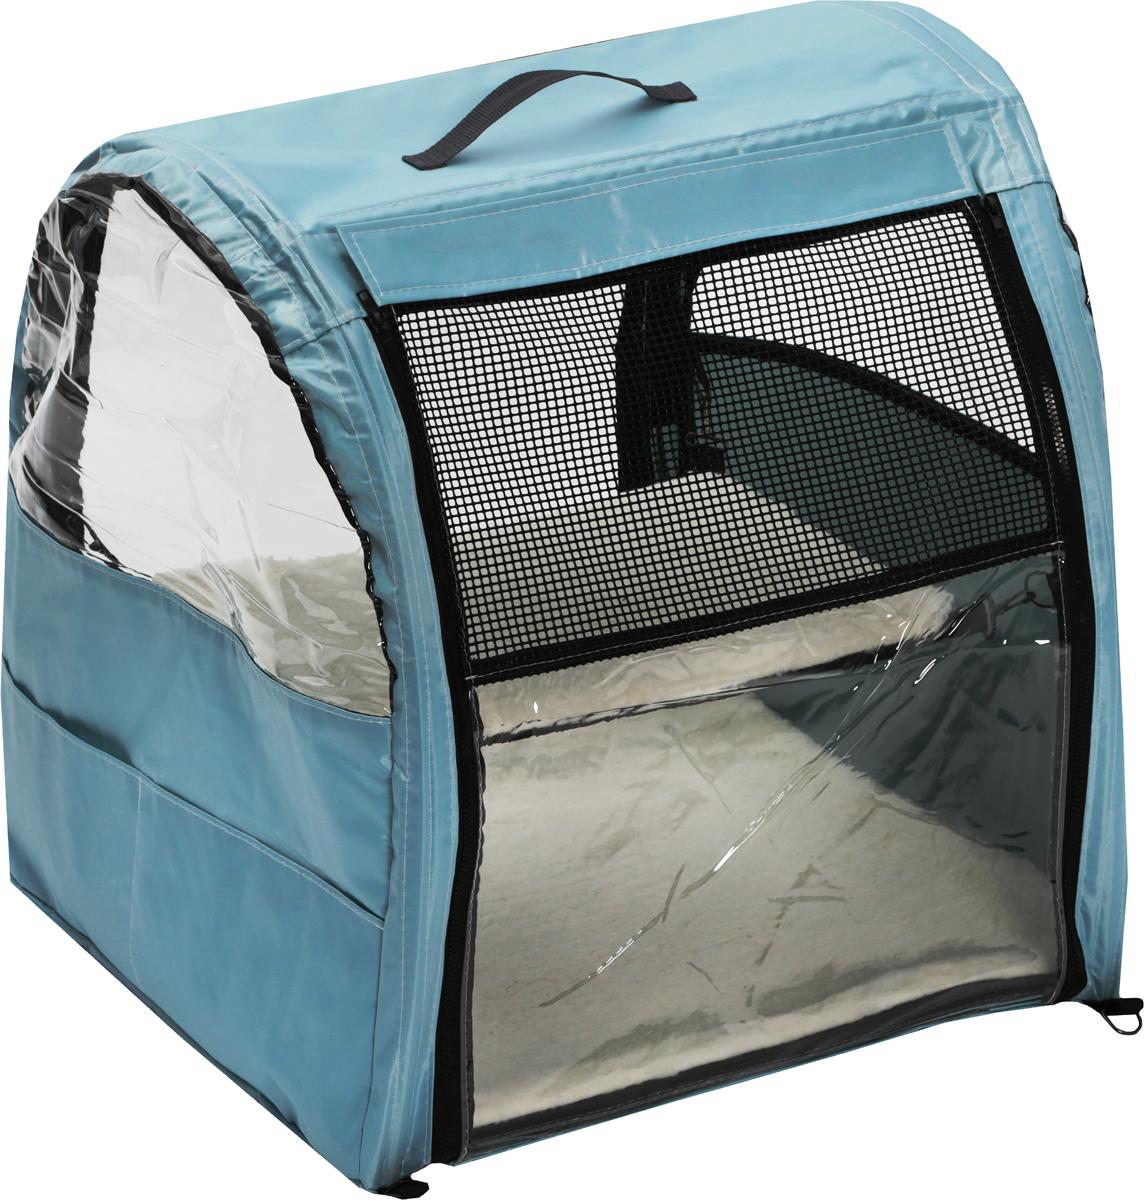 Клетка-палатка для животных  Заря-Плюс , выставочная, с чехлом, цвет: нежно-голубой, 51 х 58 х 55 см - Клетки, вольеры, будки